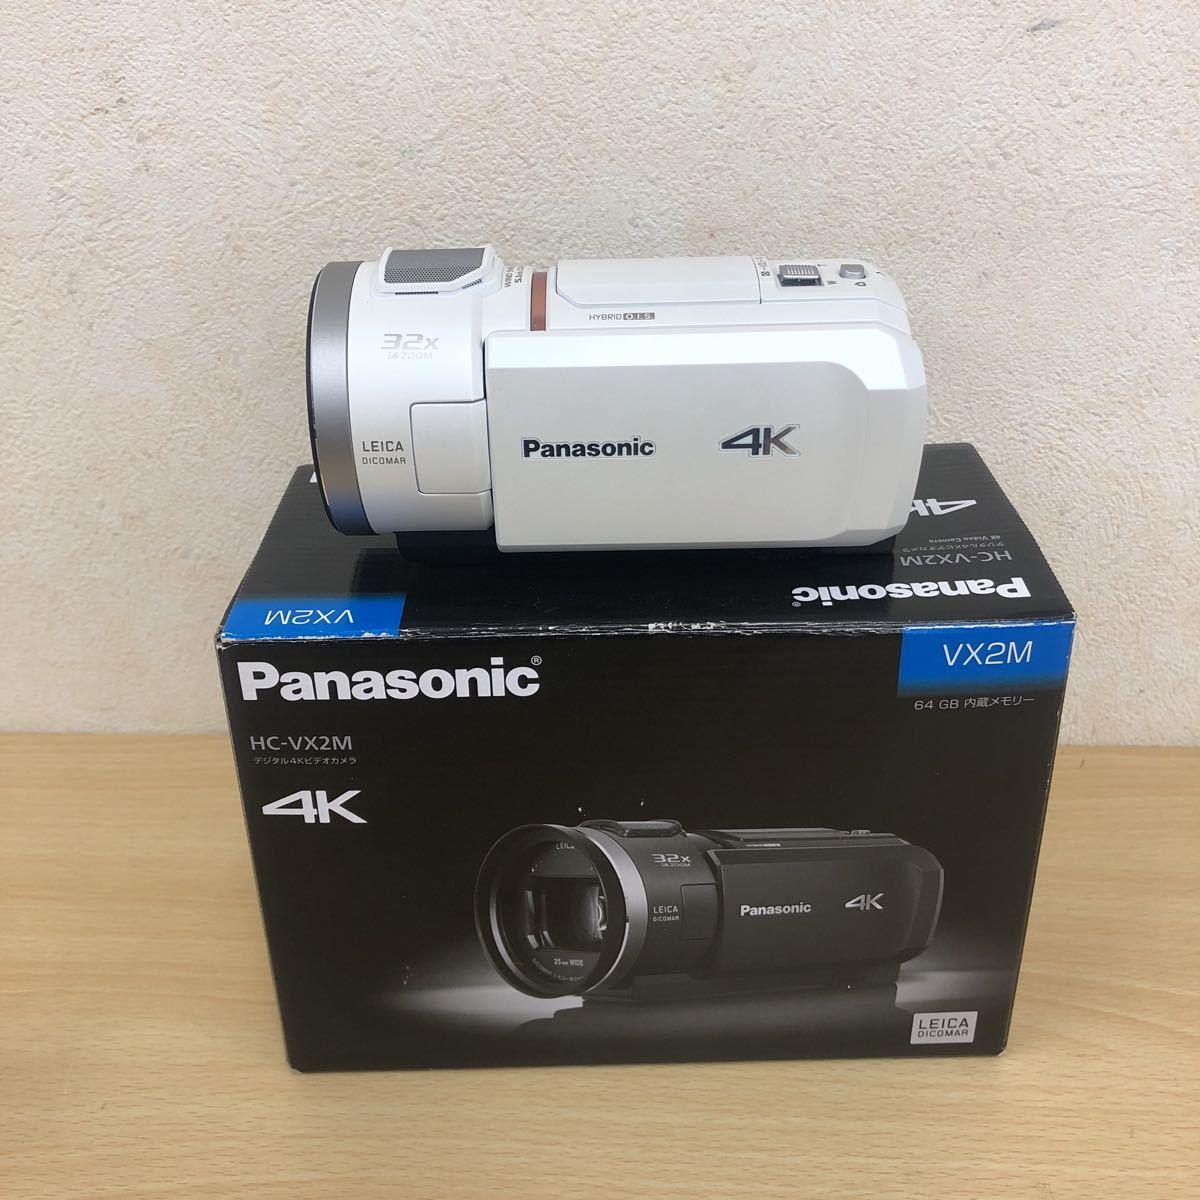 1円~ 超美品 Panasonic デジタル4Kビデオカメラ HC-VX2M 2019年 64GB内蔵 ホワイト ビデオカメラ パナソニック